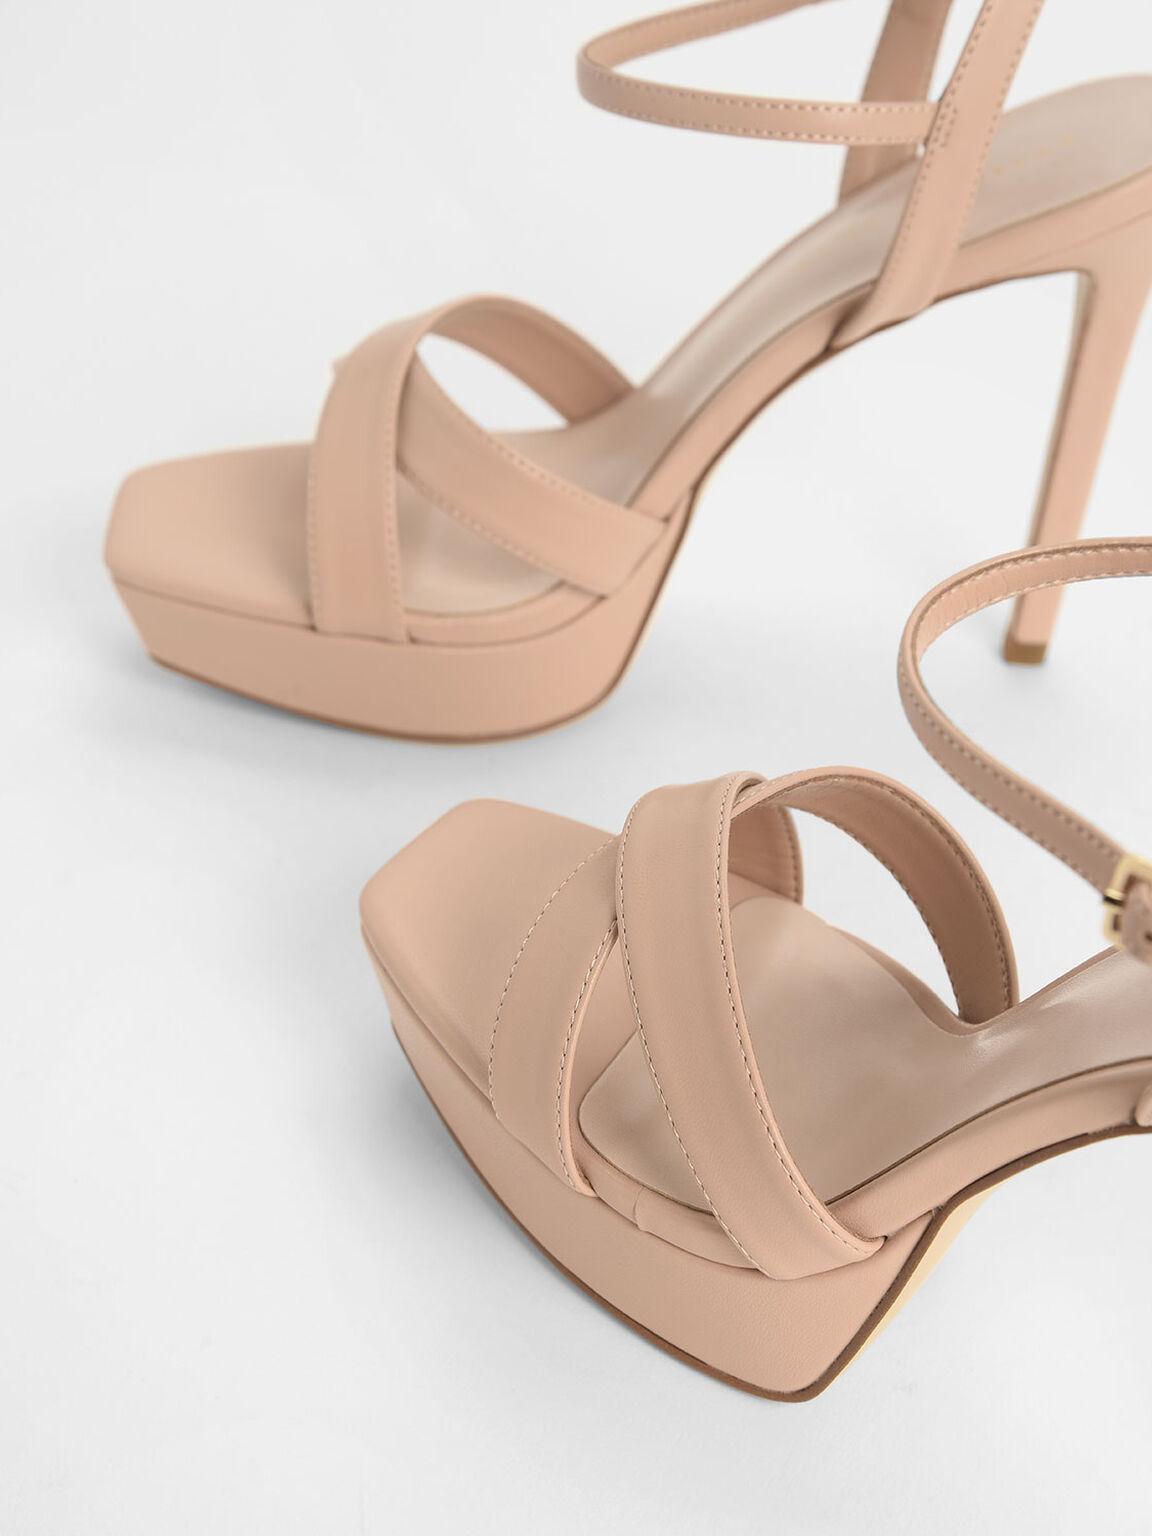 Criss Cross Ankle Strap Platform Heels, Nude, hi-res